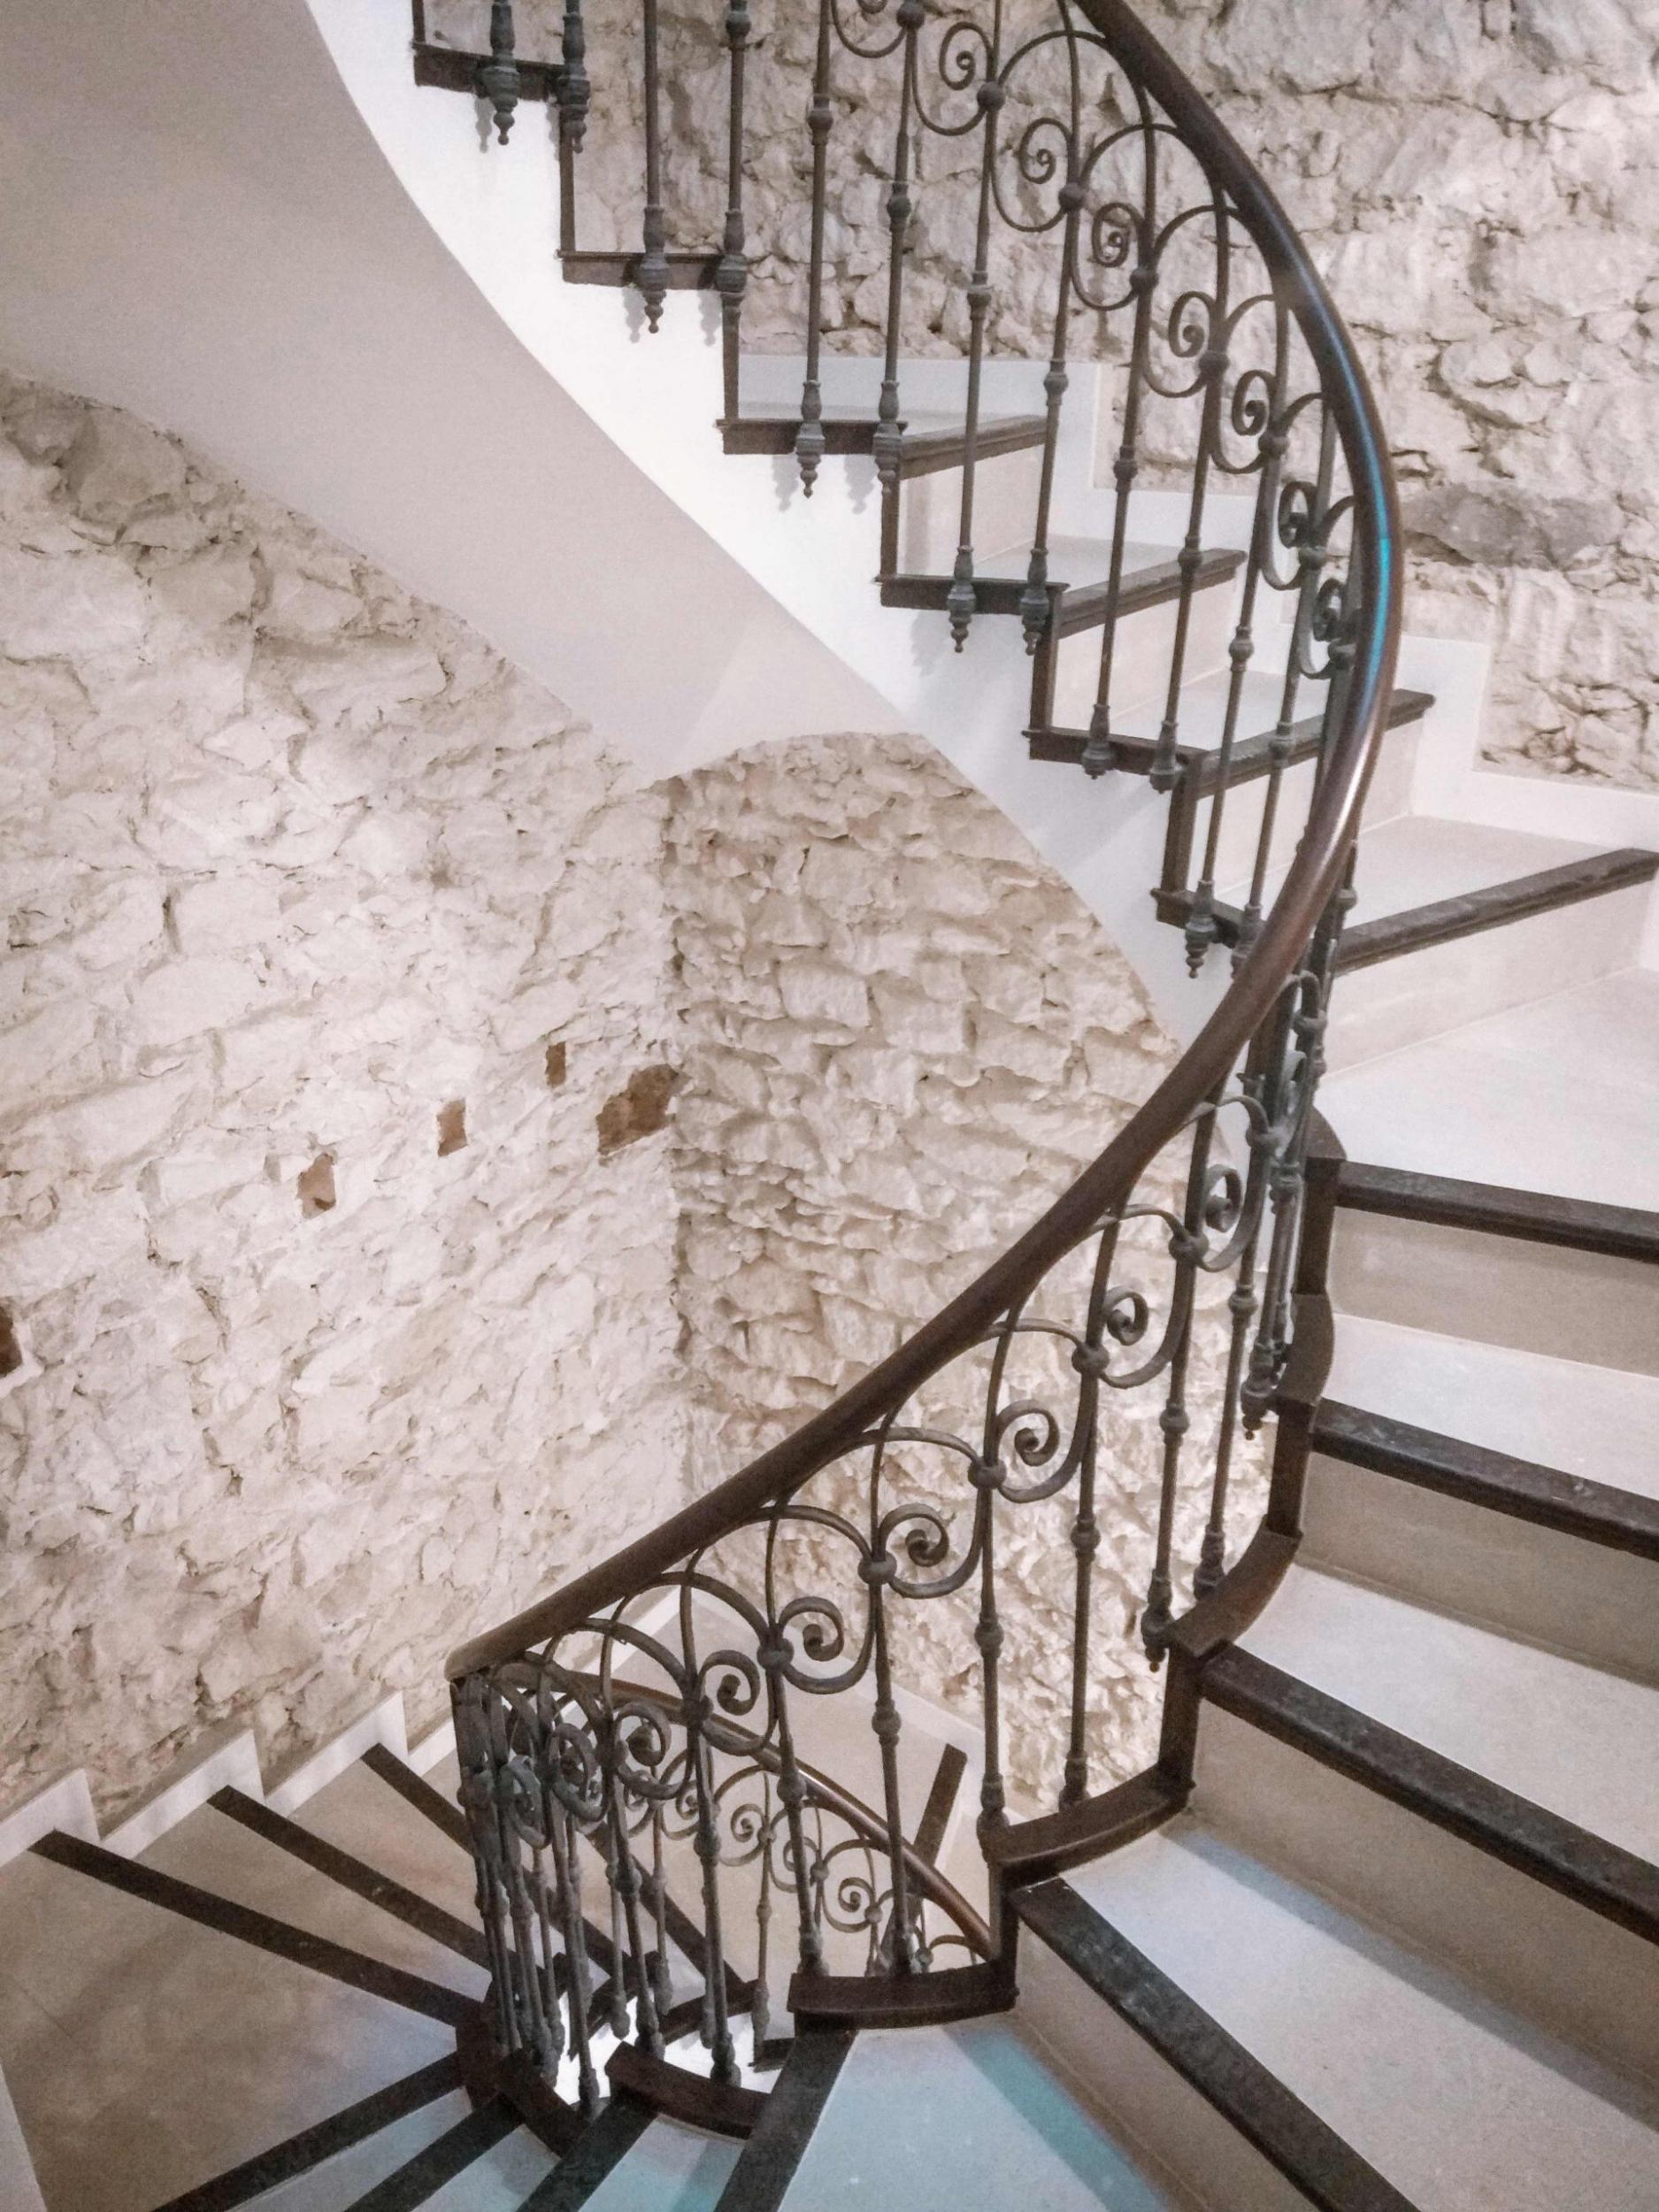 Escalera helicoidal vista lateralmente de Labradores 24; destaca el muro de mampostería